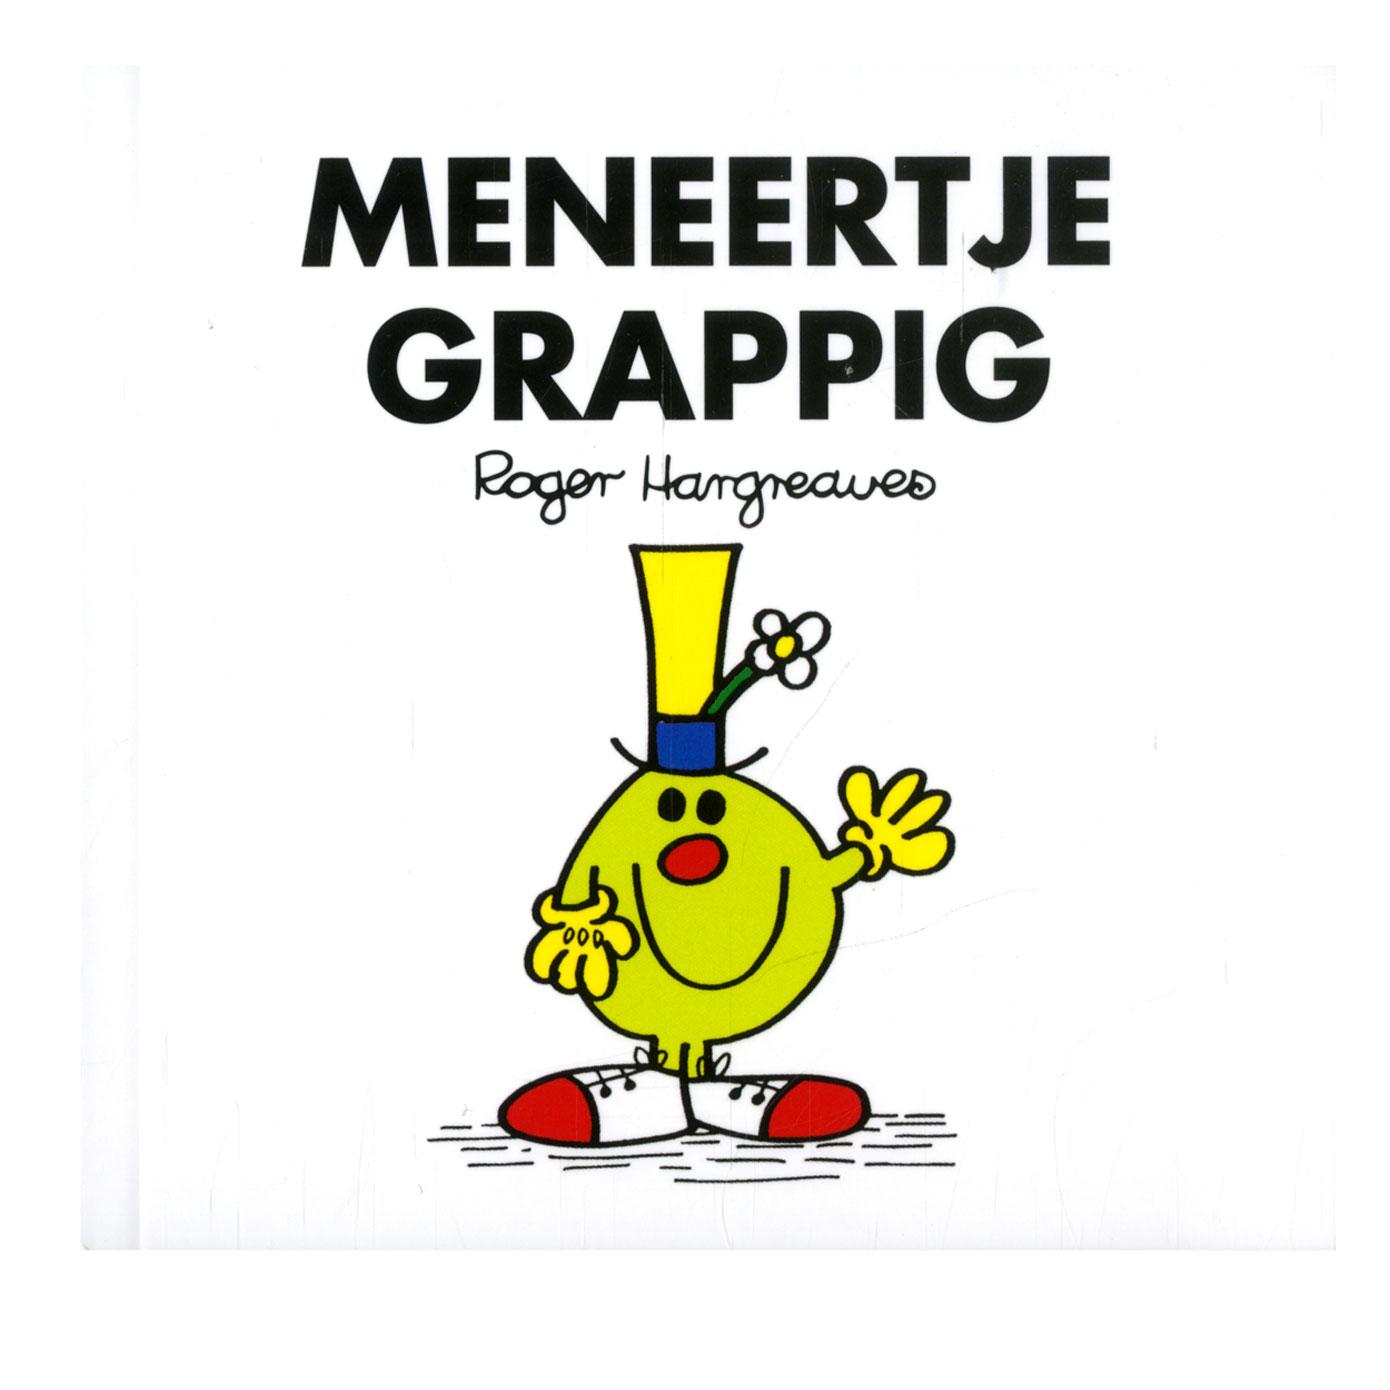 Meneertje Grappig Online Kopen Lobbes Nl